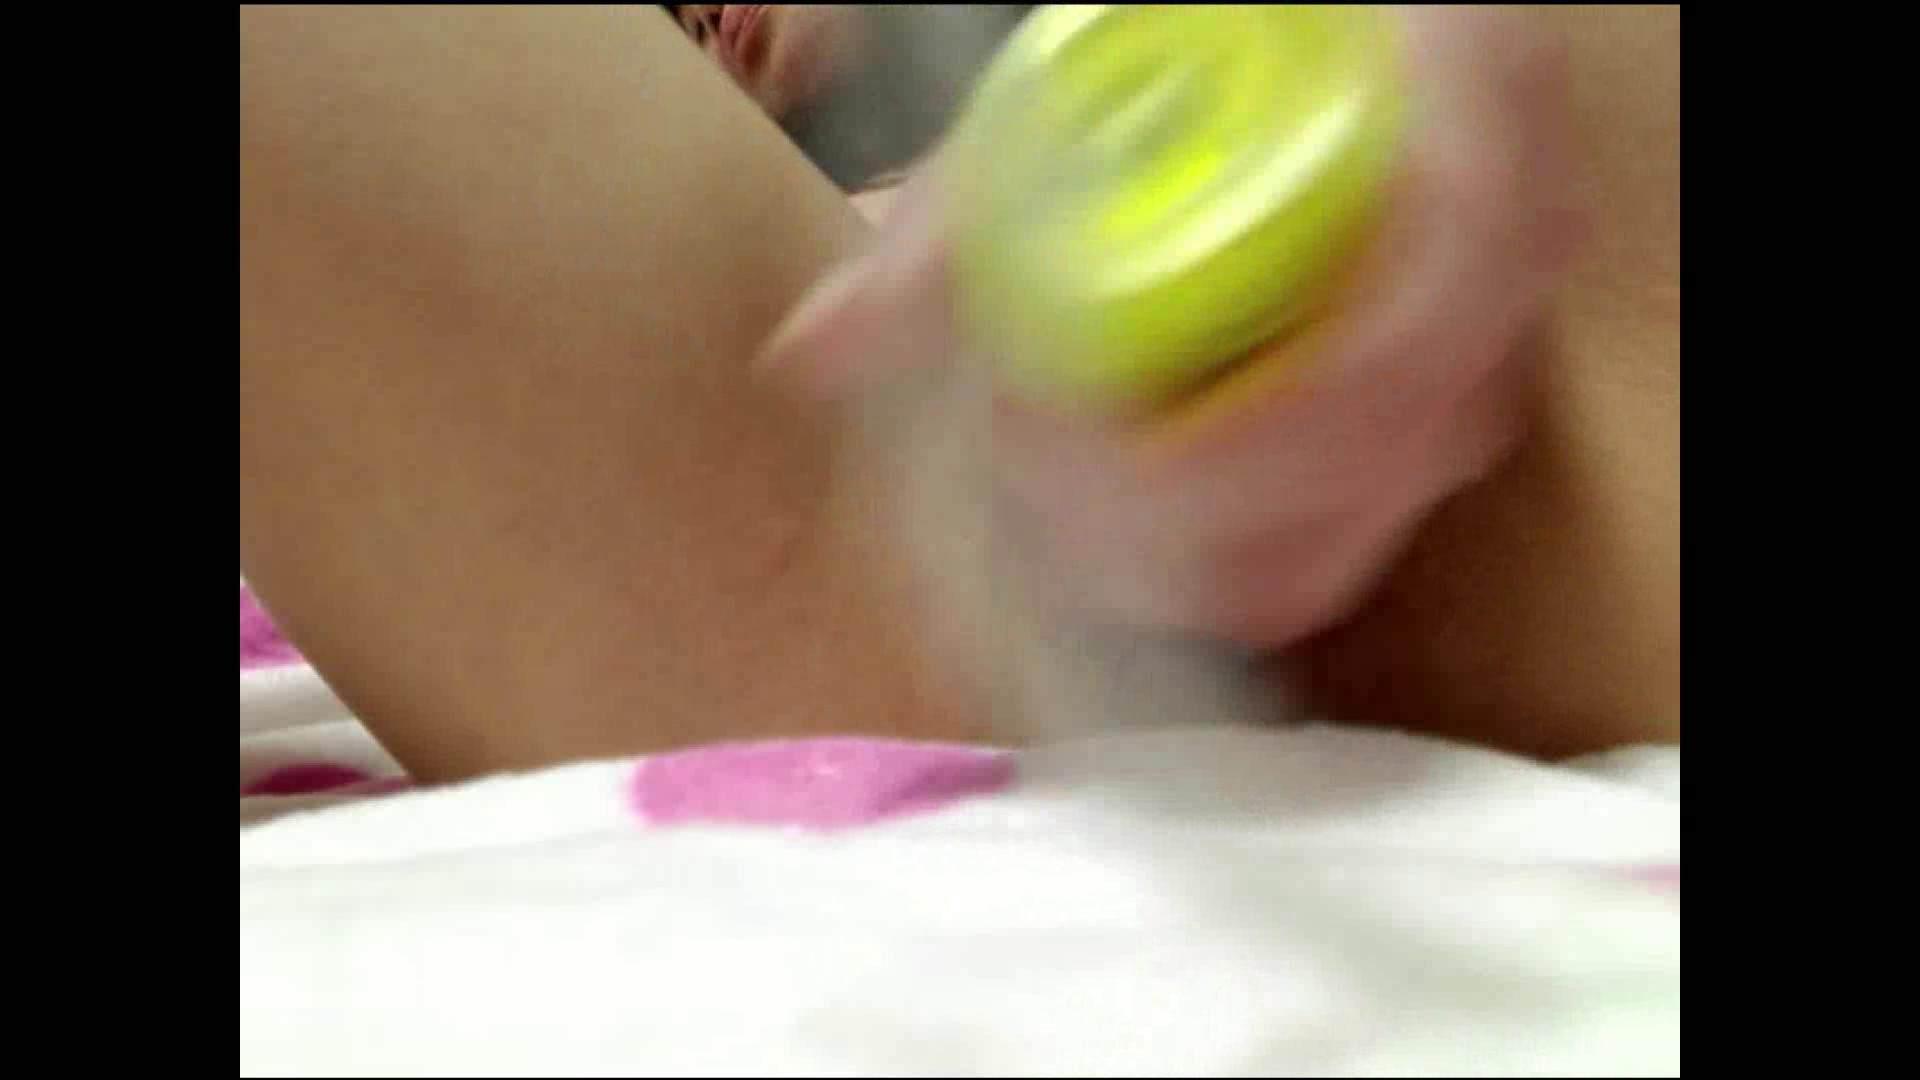 アヘ顔のわたしってどうかしら Vol.29 OLのボディ  106PIX 78